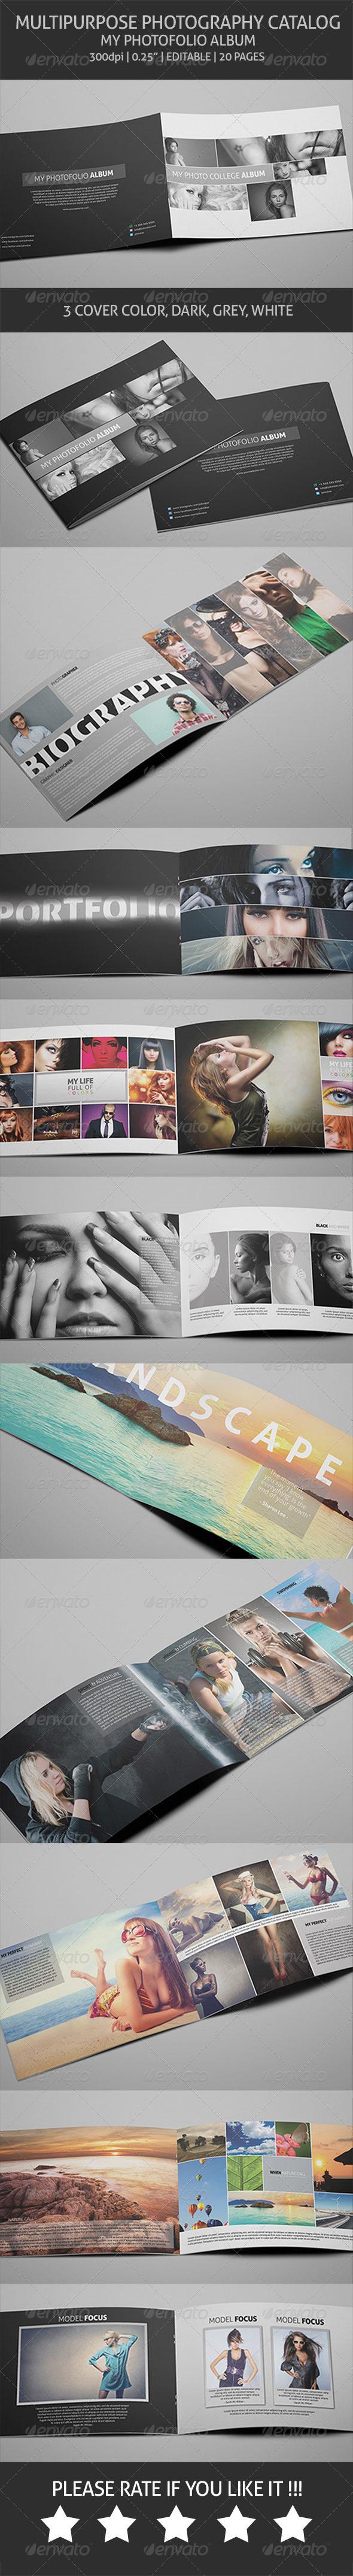 GraphicRiver My Photofolio Album Multipurpose Catalog 6394778